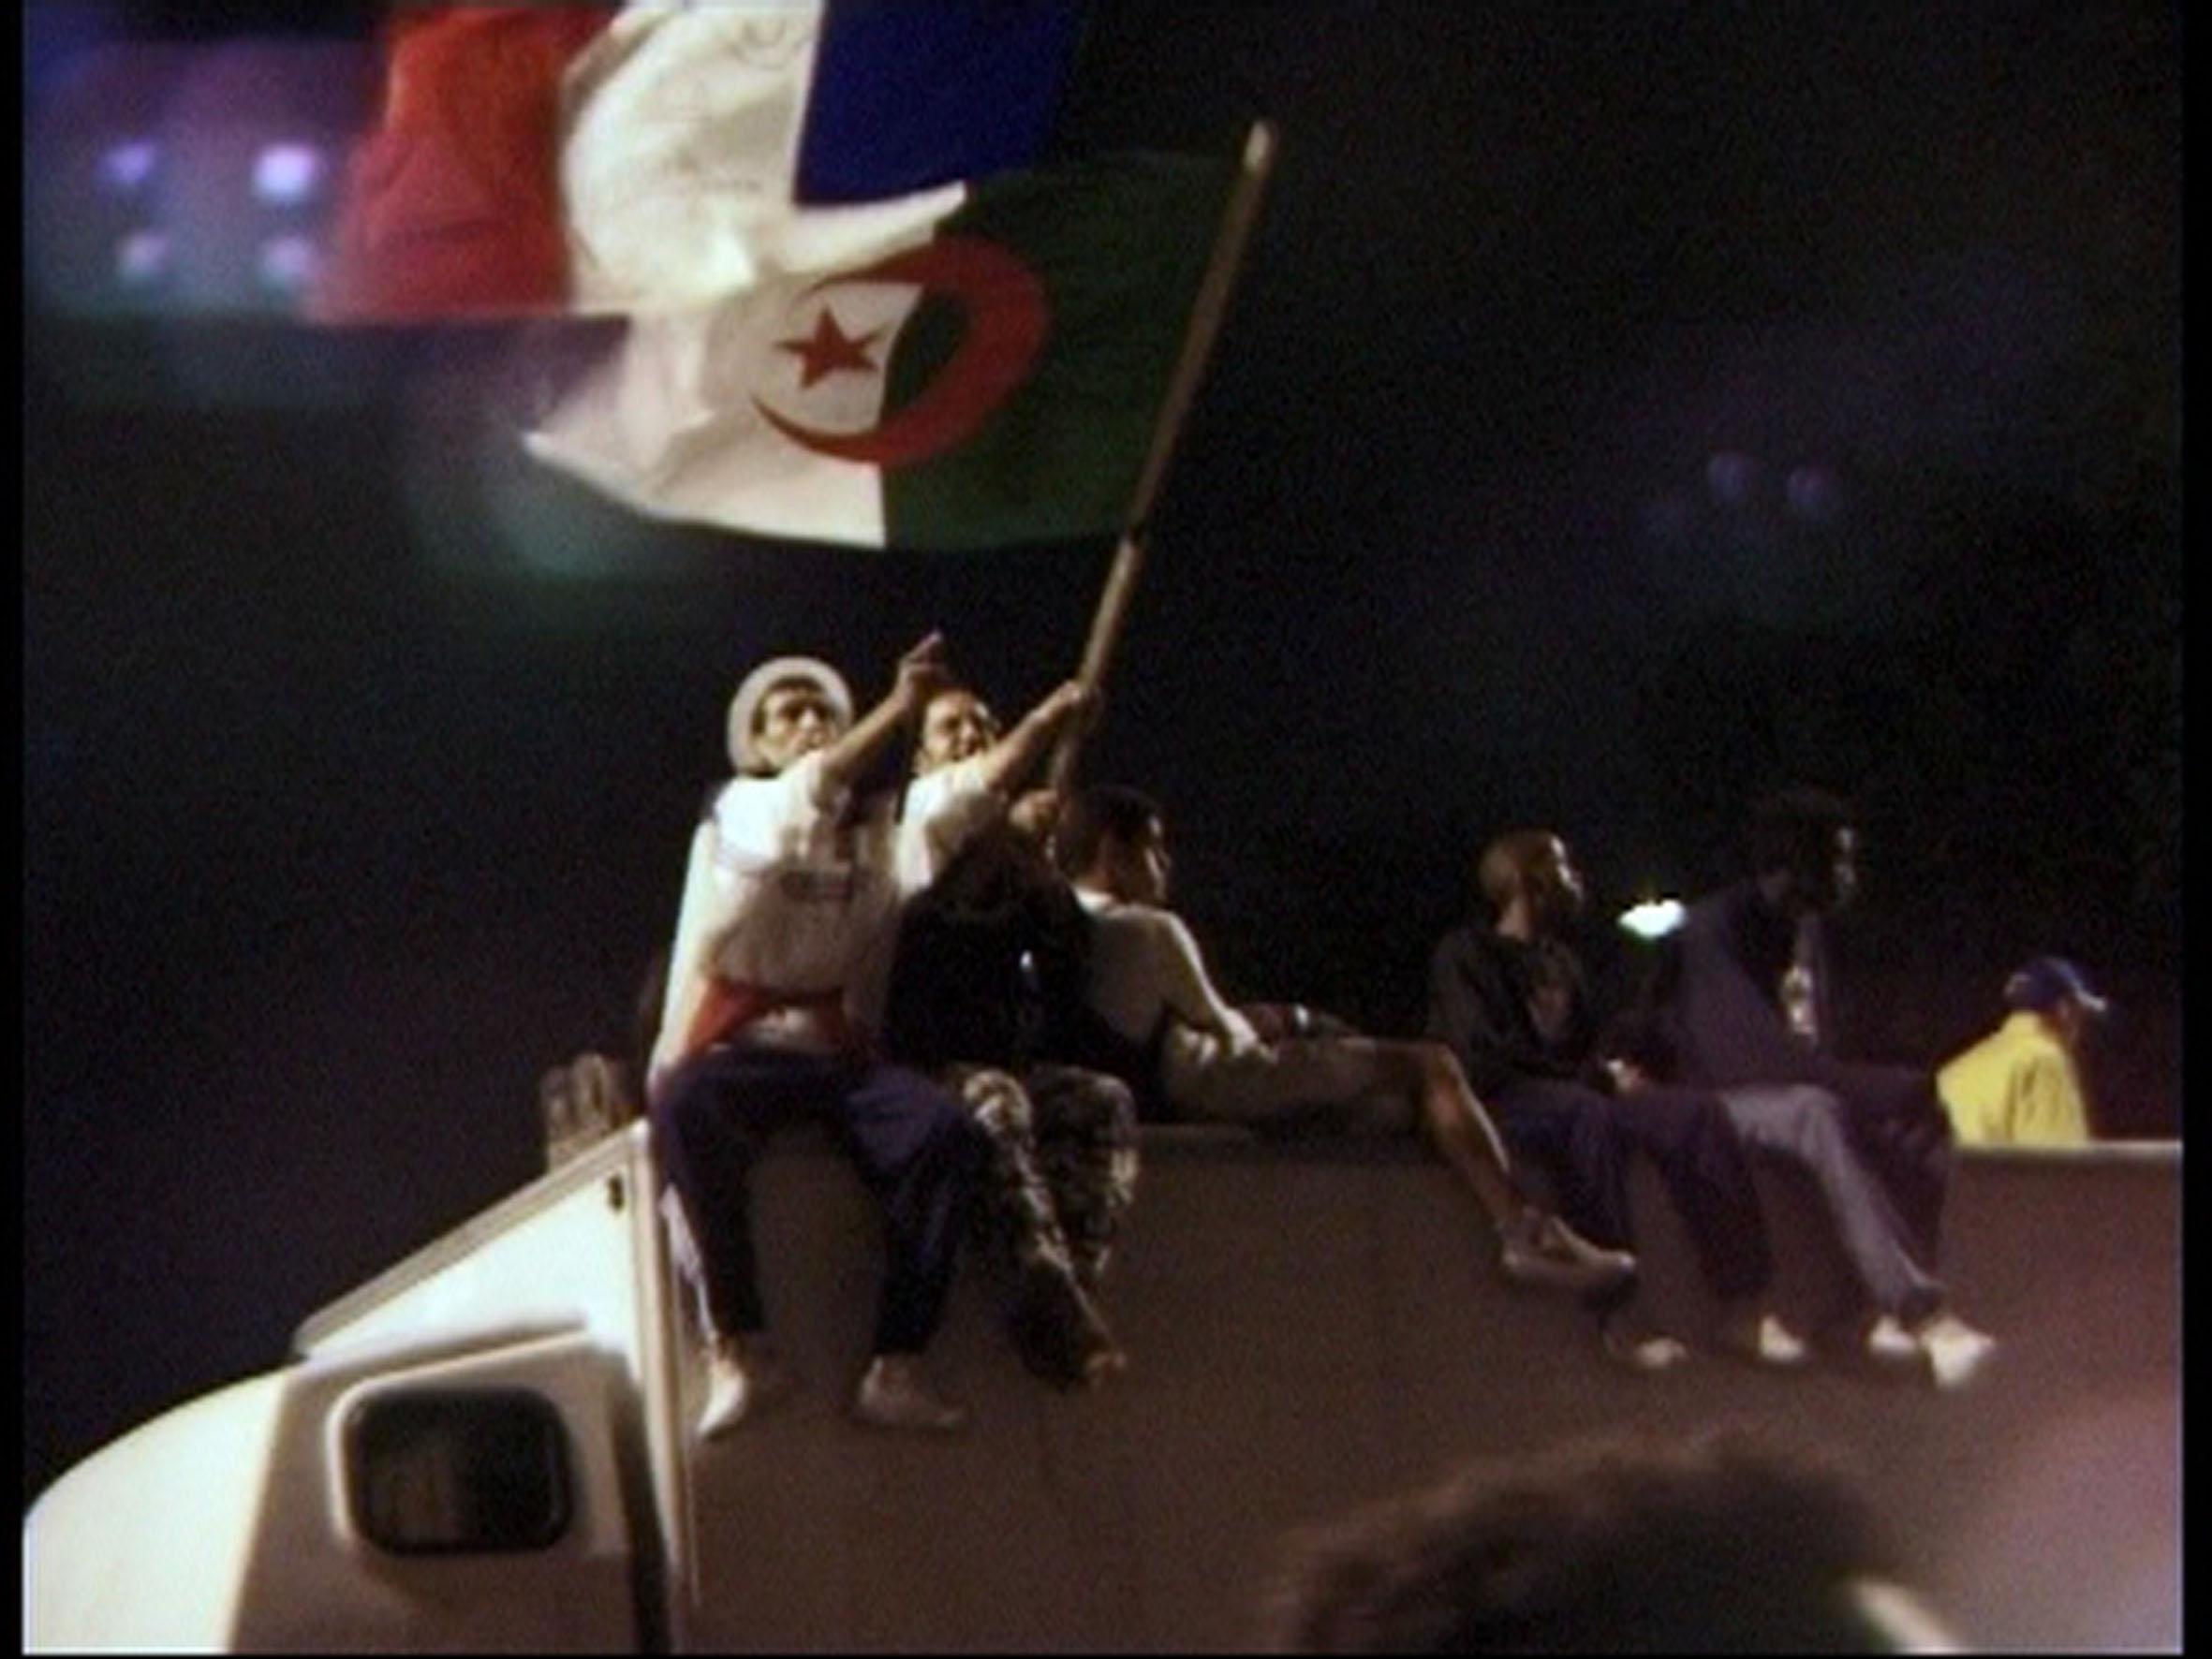 Drapeaux - Algéries, mes Fantômes